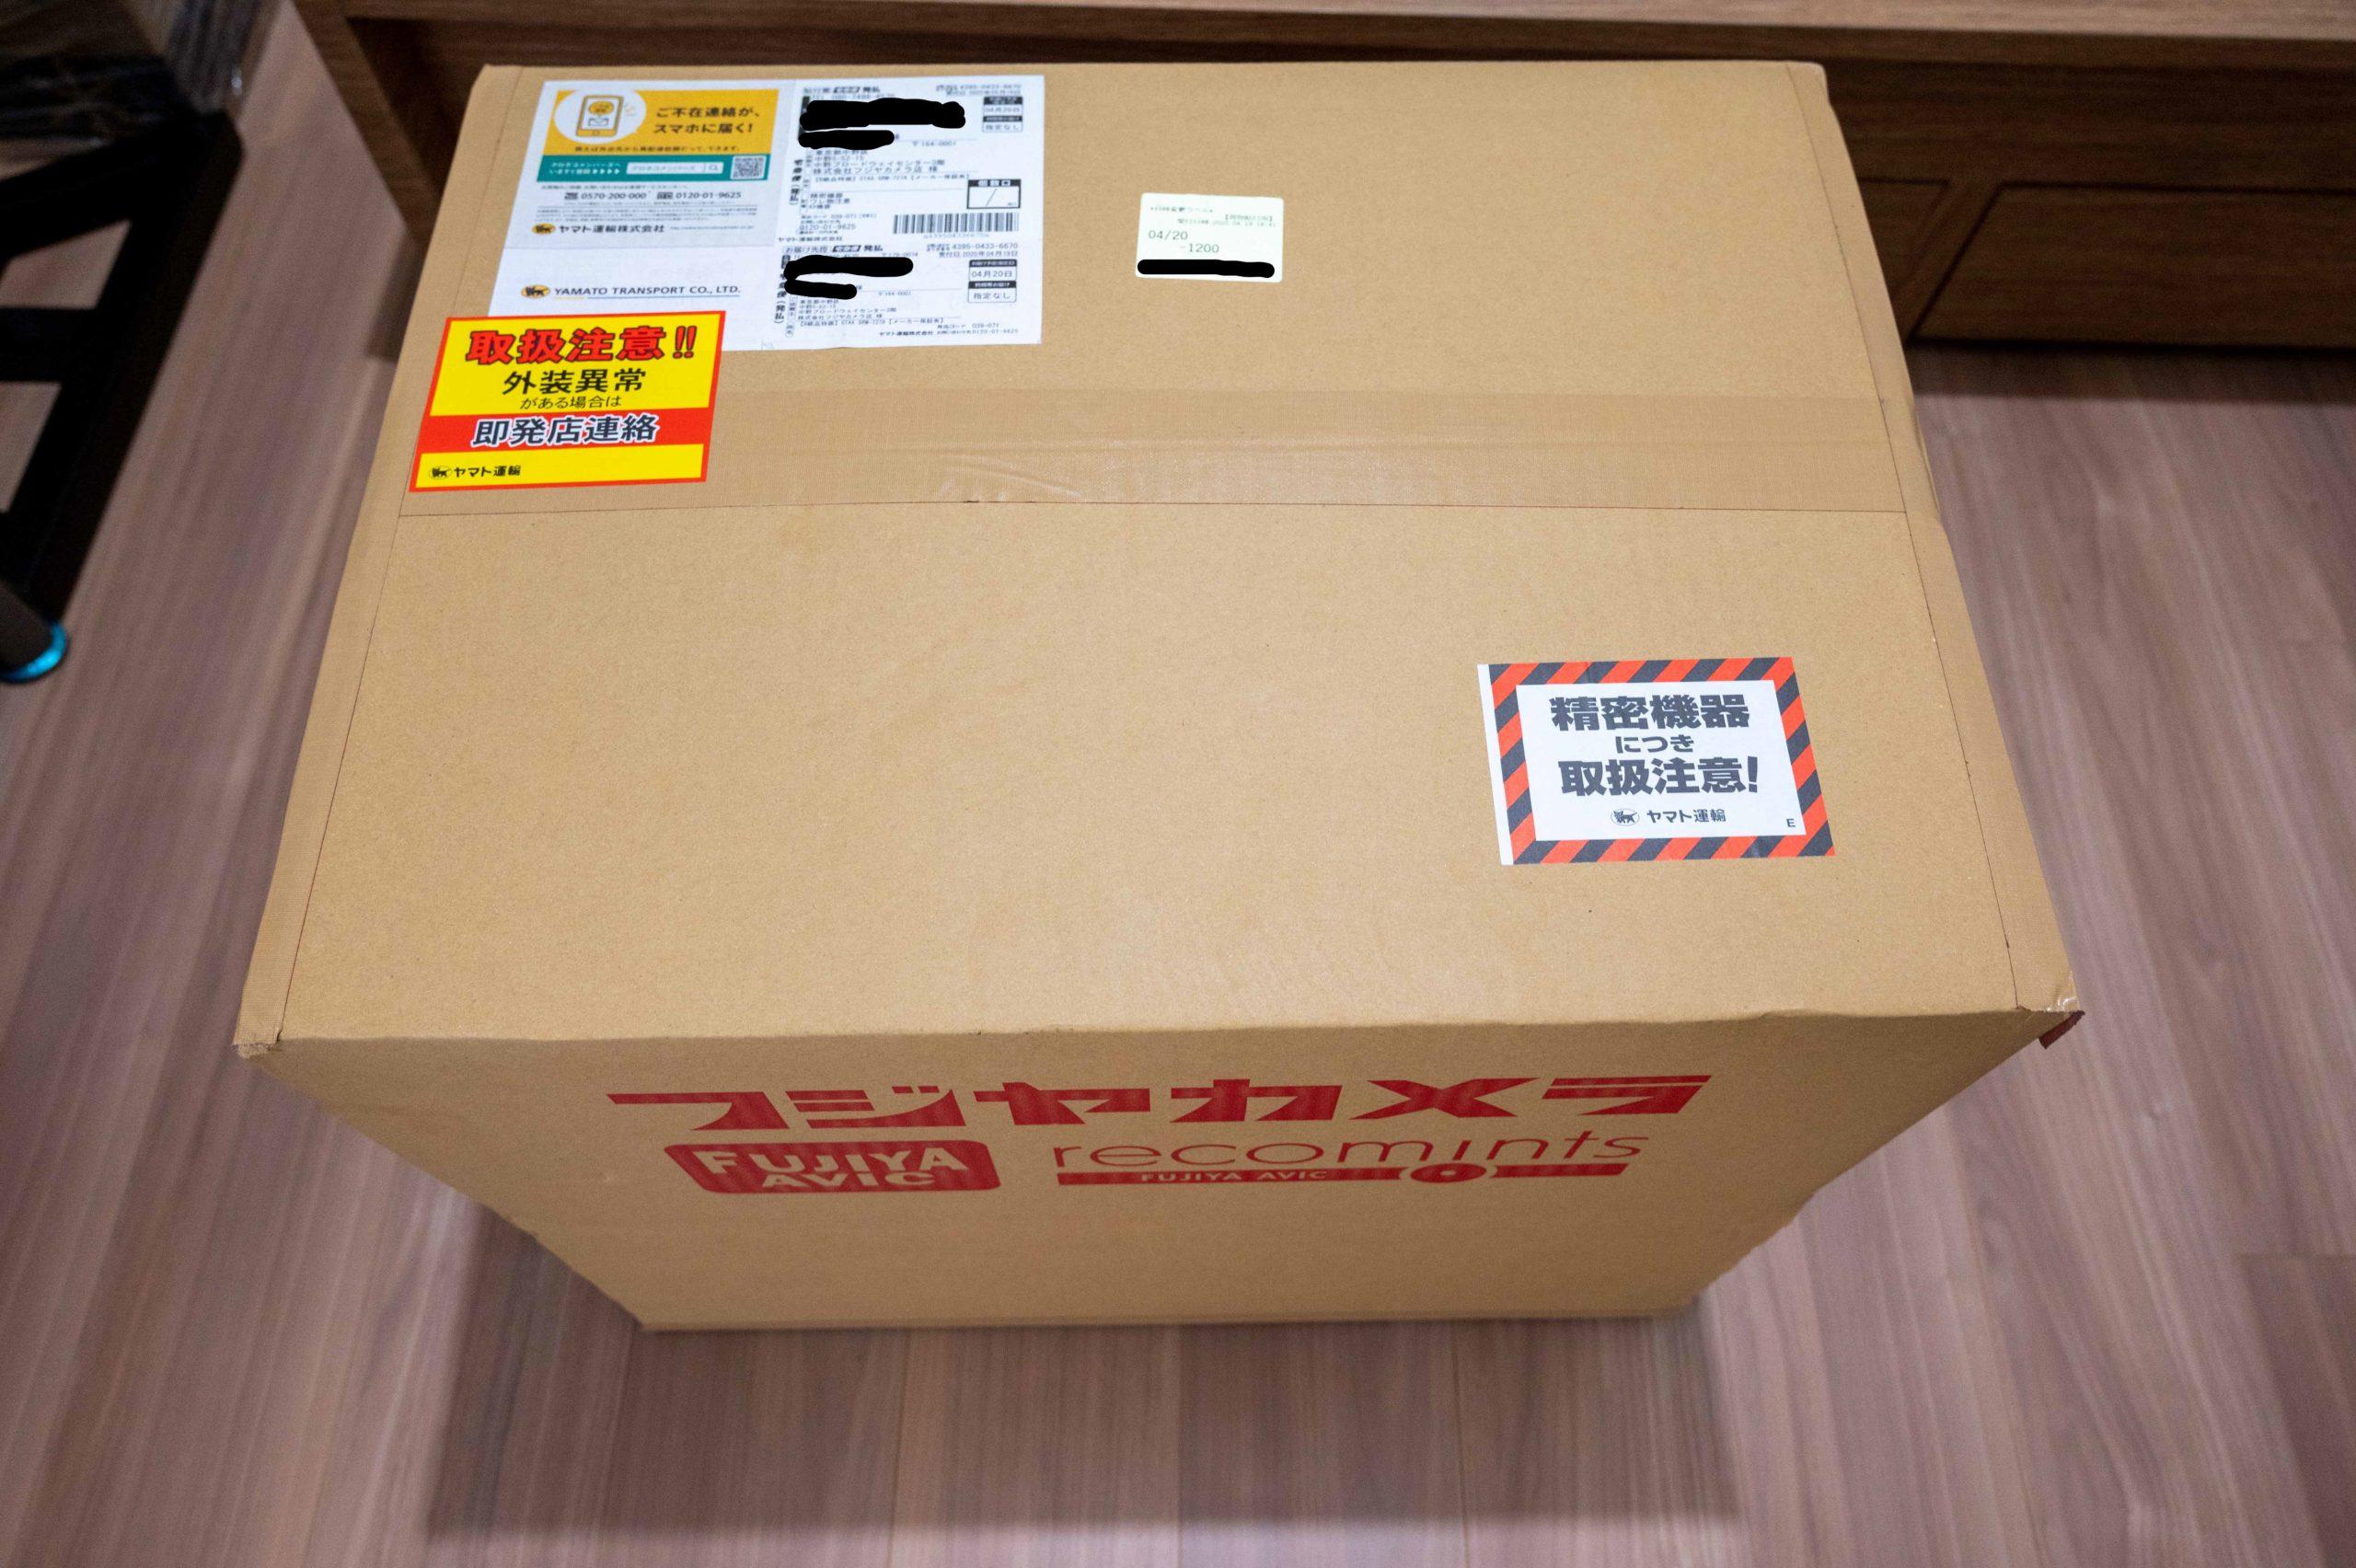 Fujiya Avic Delviery Box